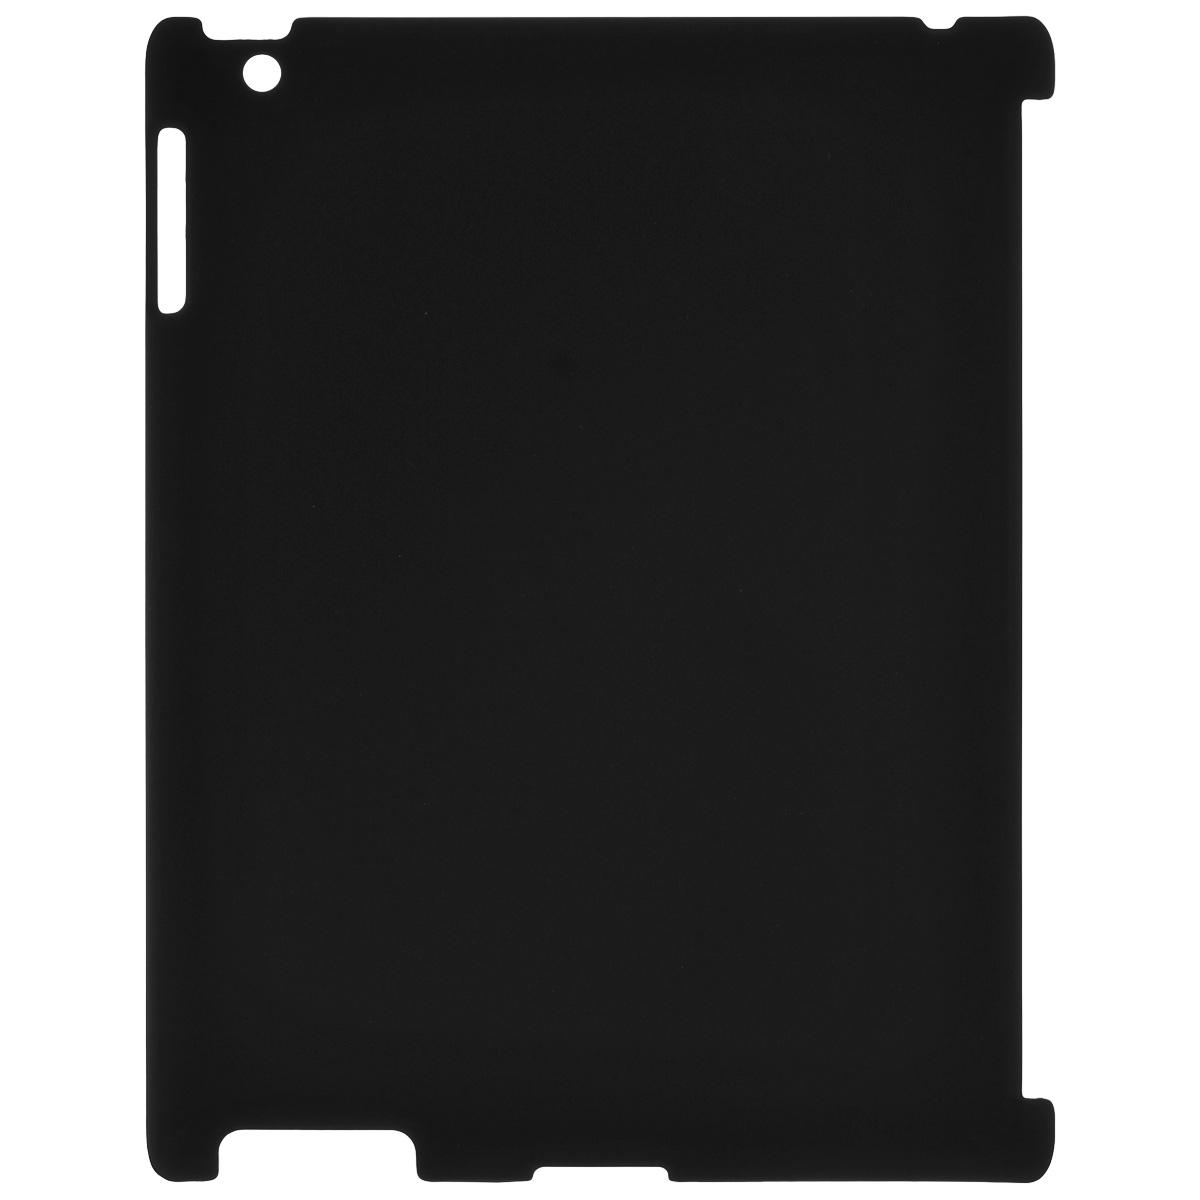 Black Horns чехол для iPad2, Black (BH-iD2201)BH-iD2201( R)Чехол Black Horns для iPad2 разработан для защиты вашего планшета от пыли, царапин и потертостей. Выполнен из приятного на ощупь матового материала. Обеспечивает свободный доступ к функциональным кнопка.